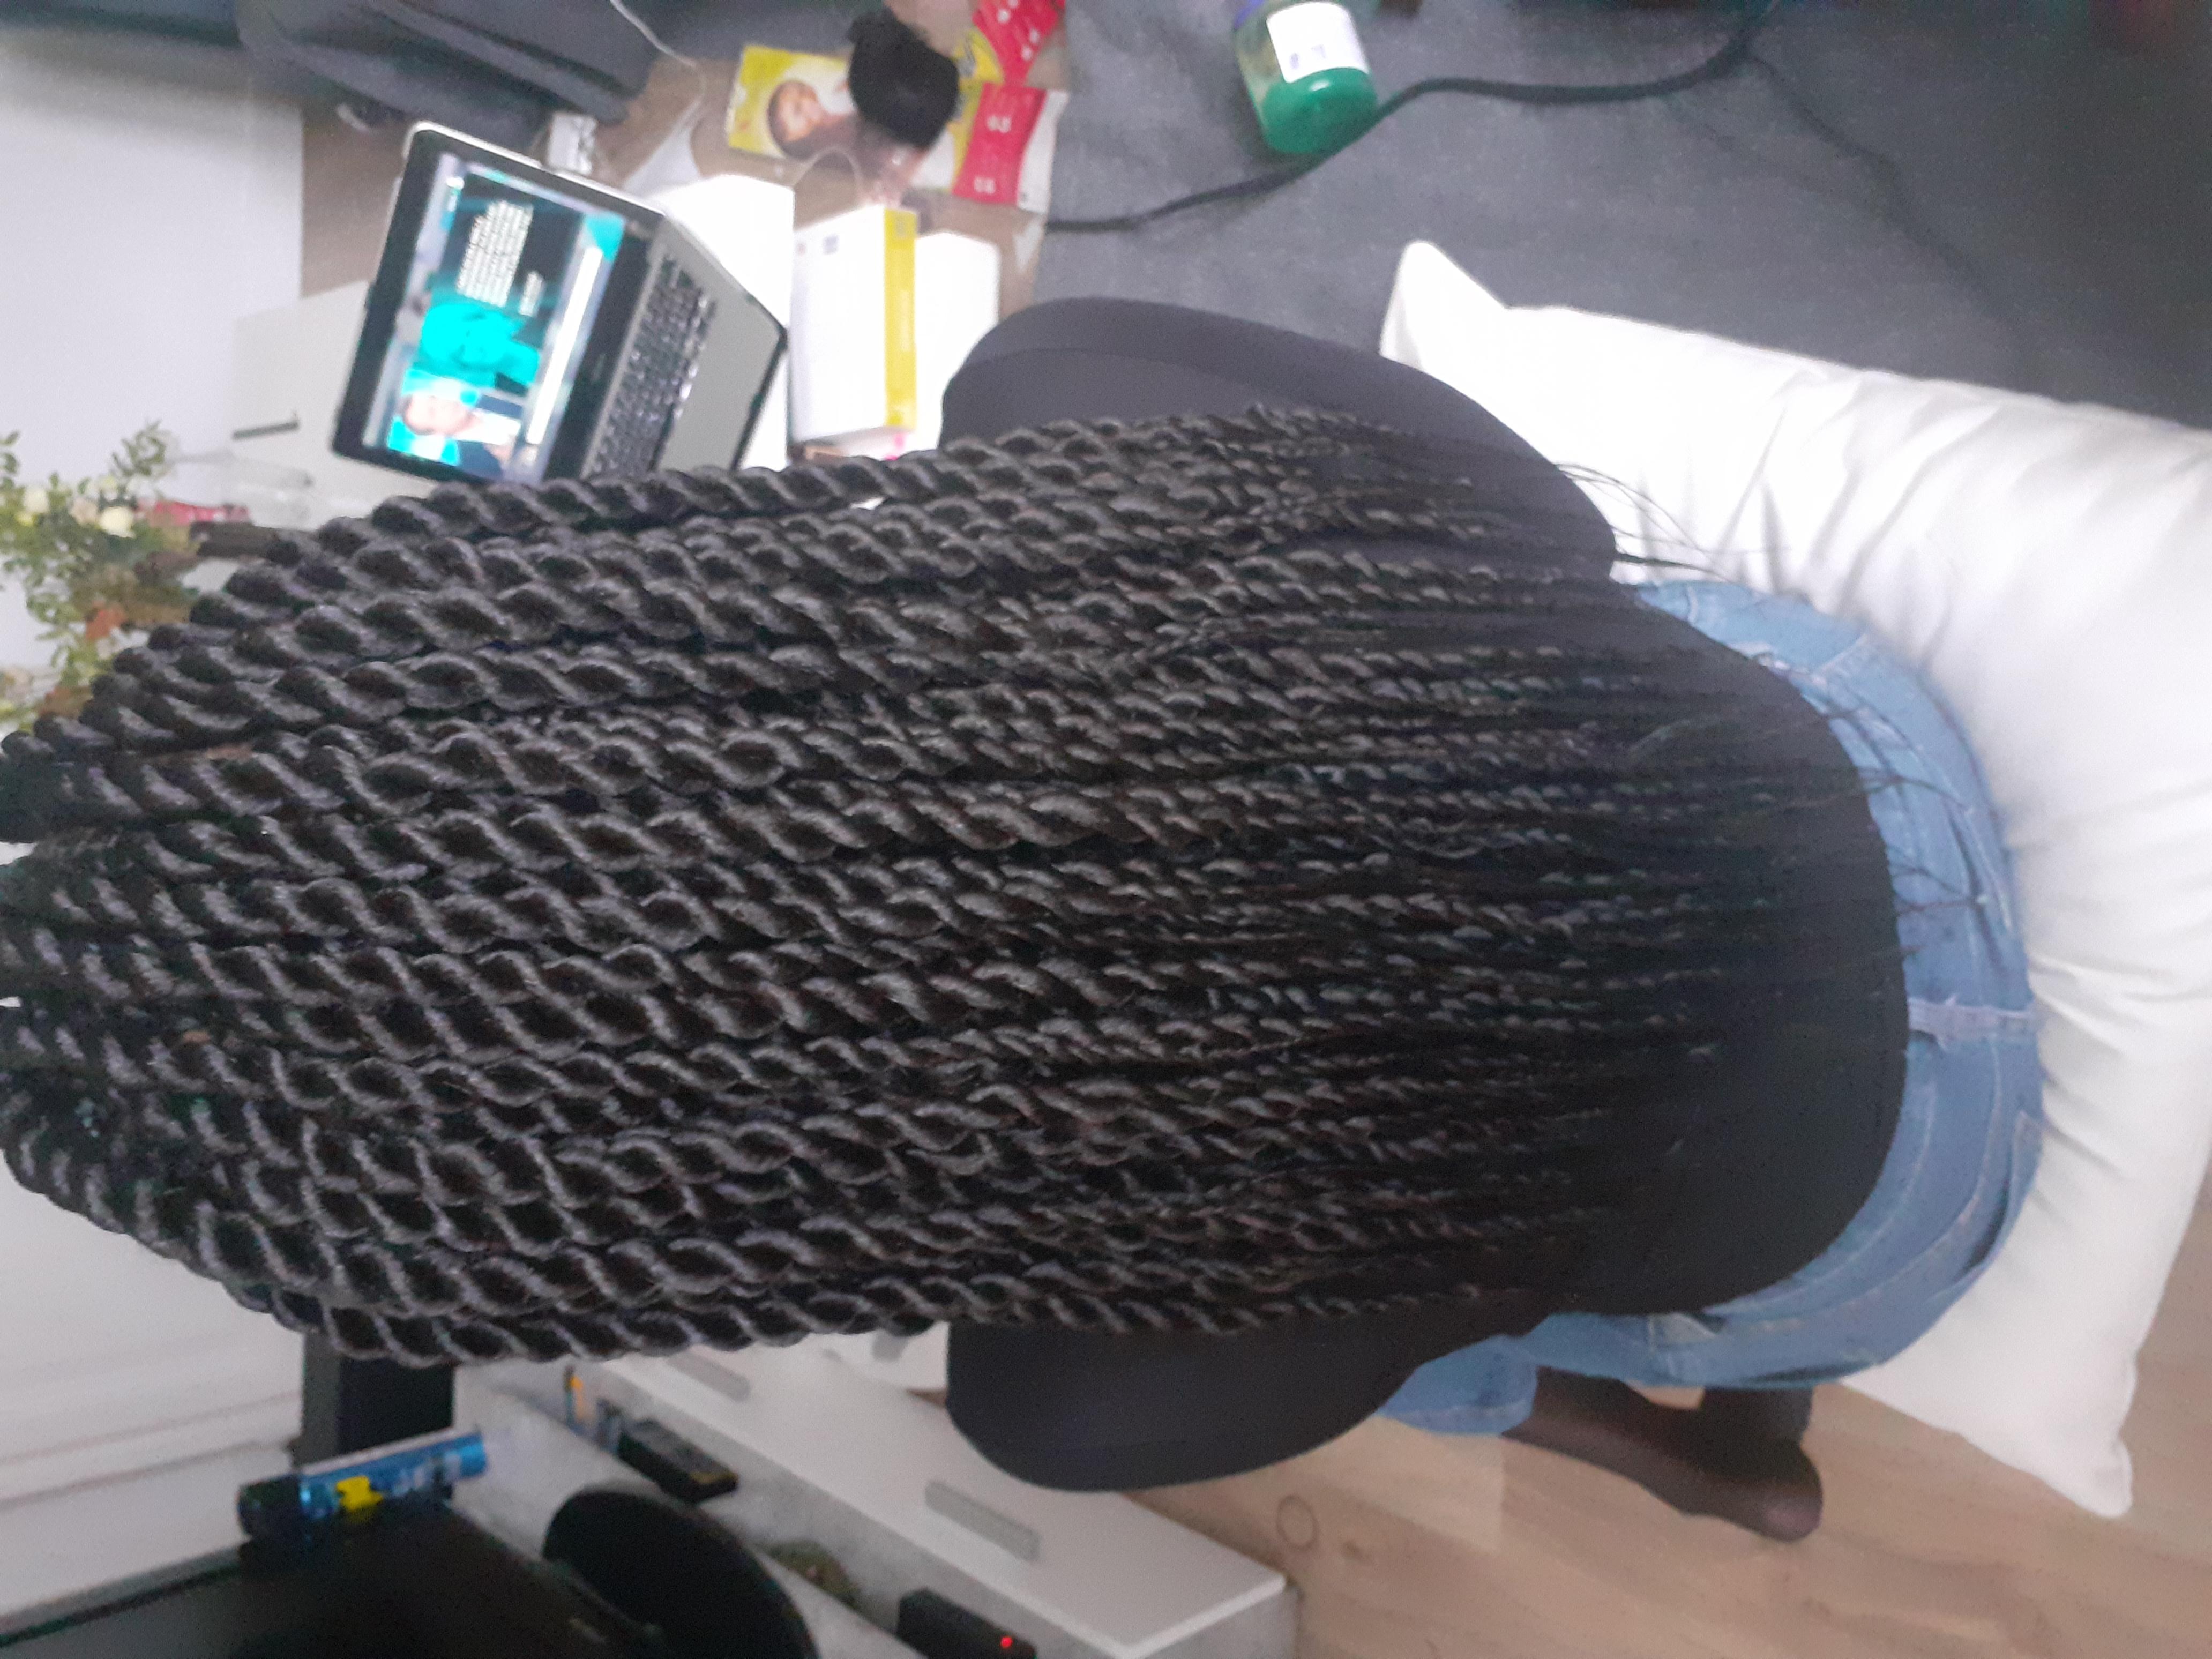 salon de coiffure afro tresse tresses box braids crochet braids vanilles tissages paris 75 77 78 91 92 93 94 95 GOEGWZWX